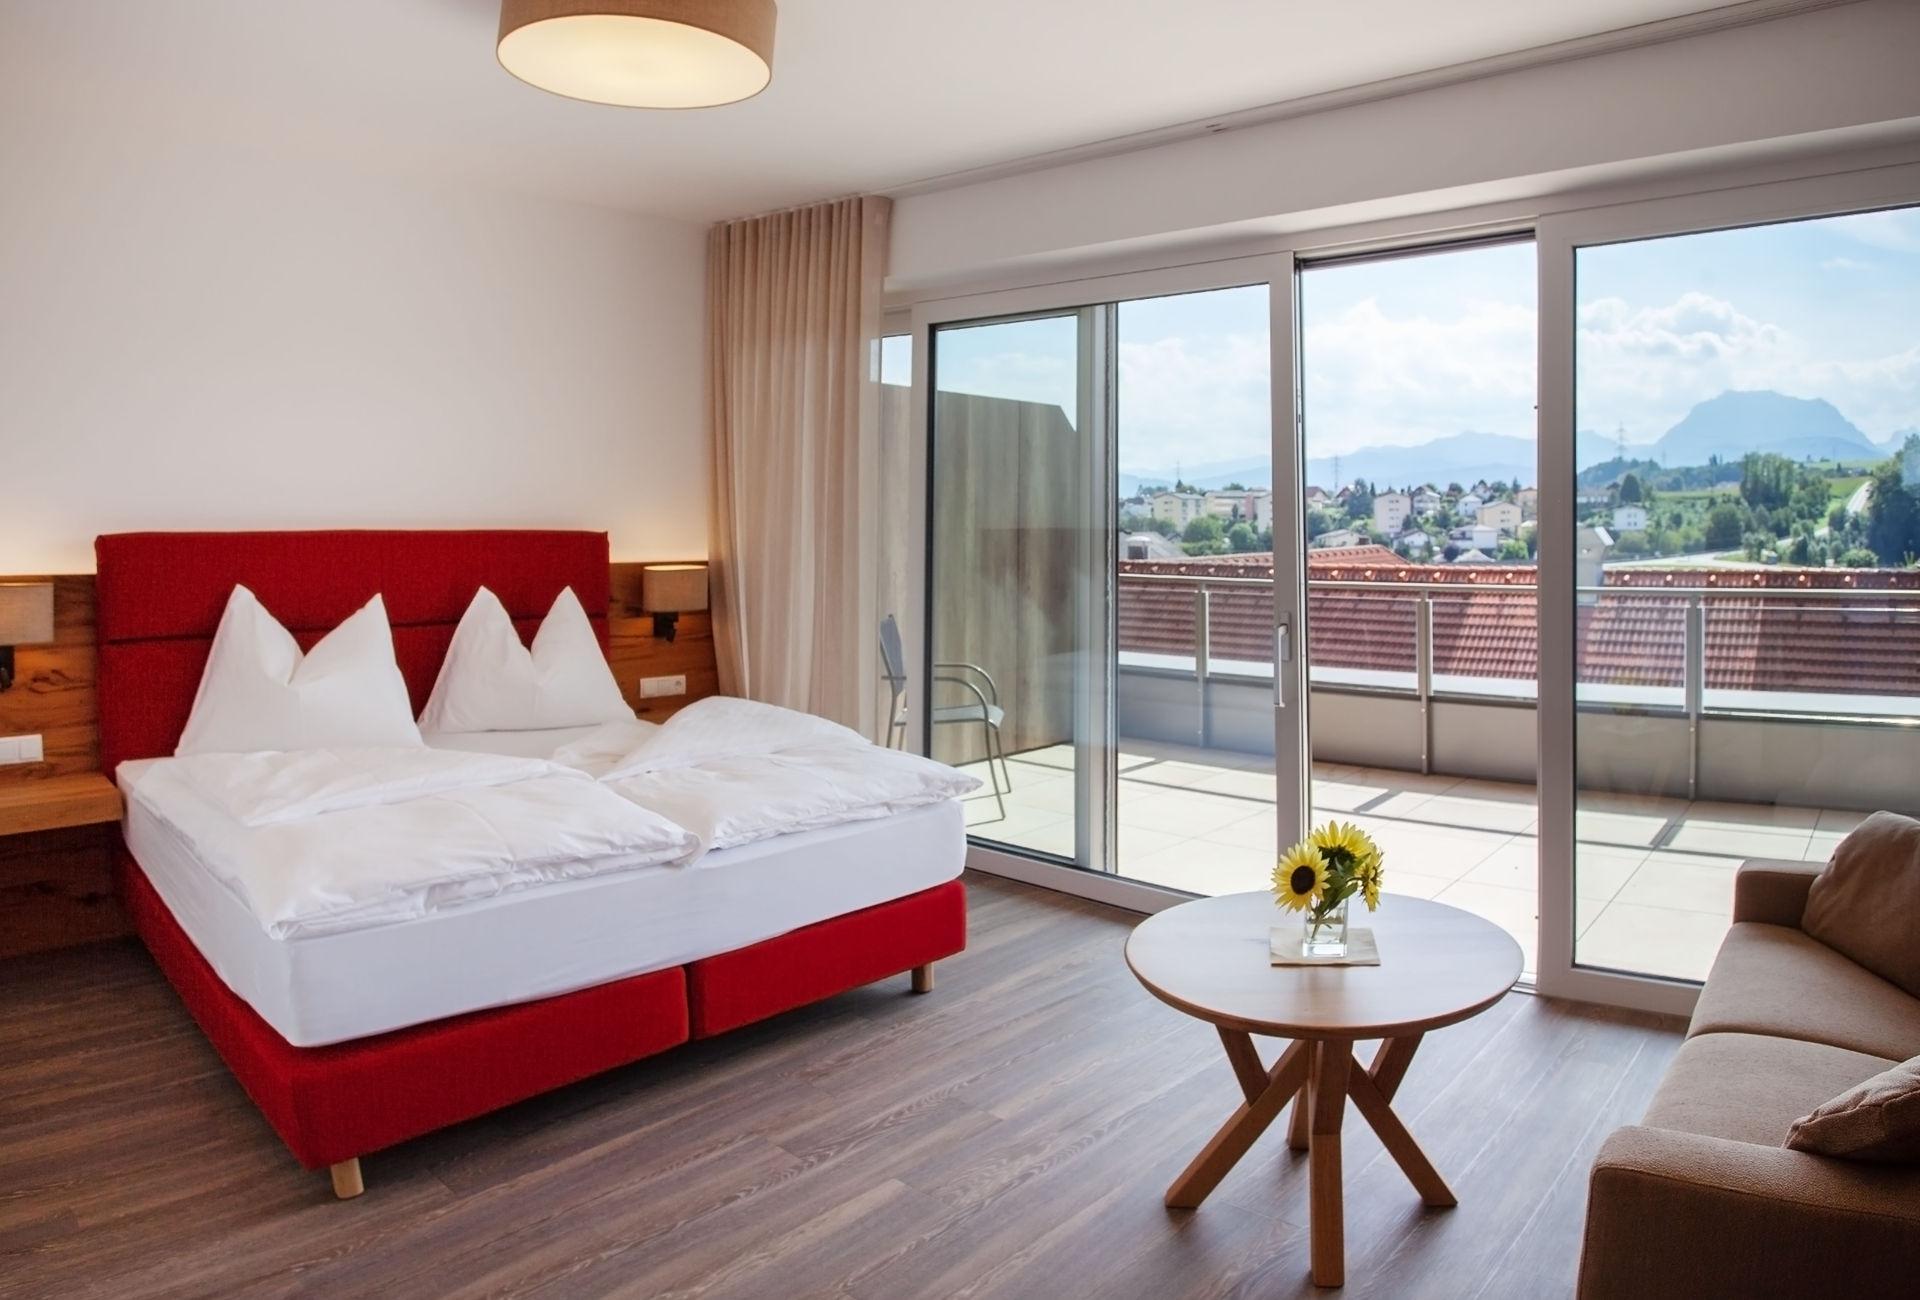 Panoramasuite Katzenstein im Wellness-Hotel-Gasthof Enichlmayr